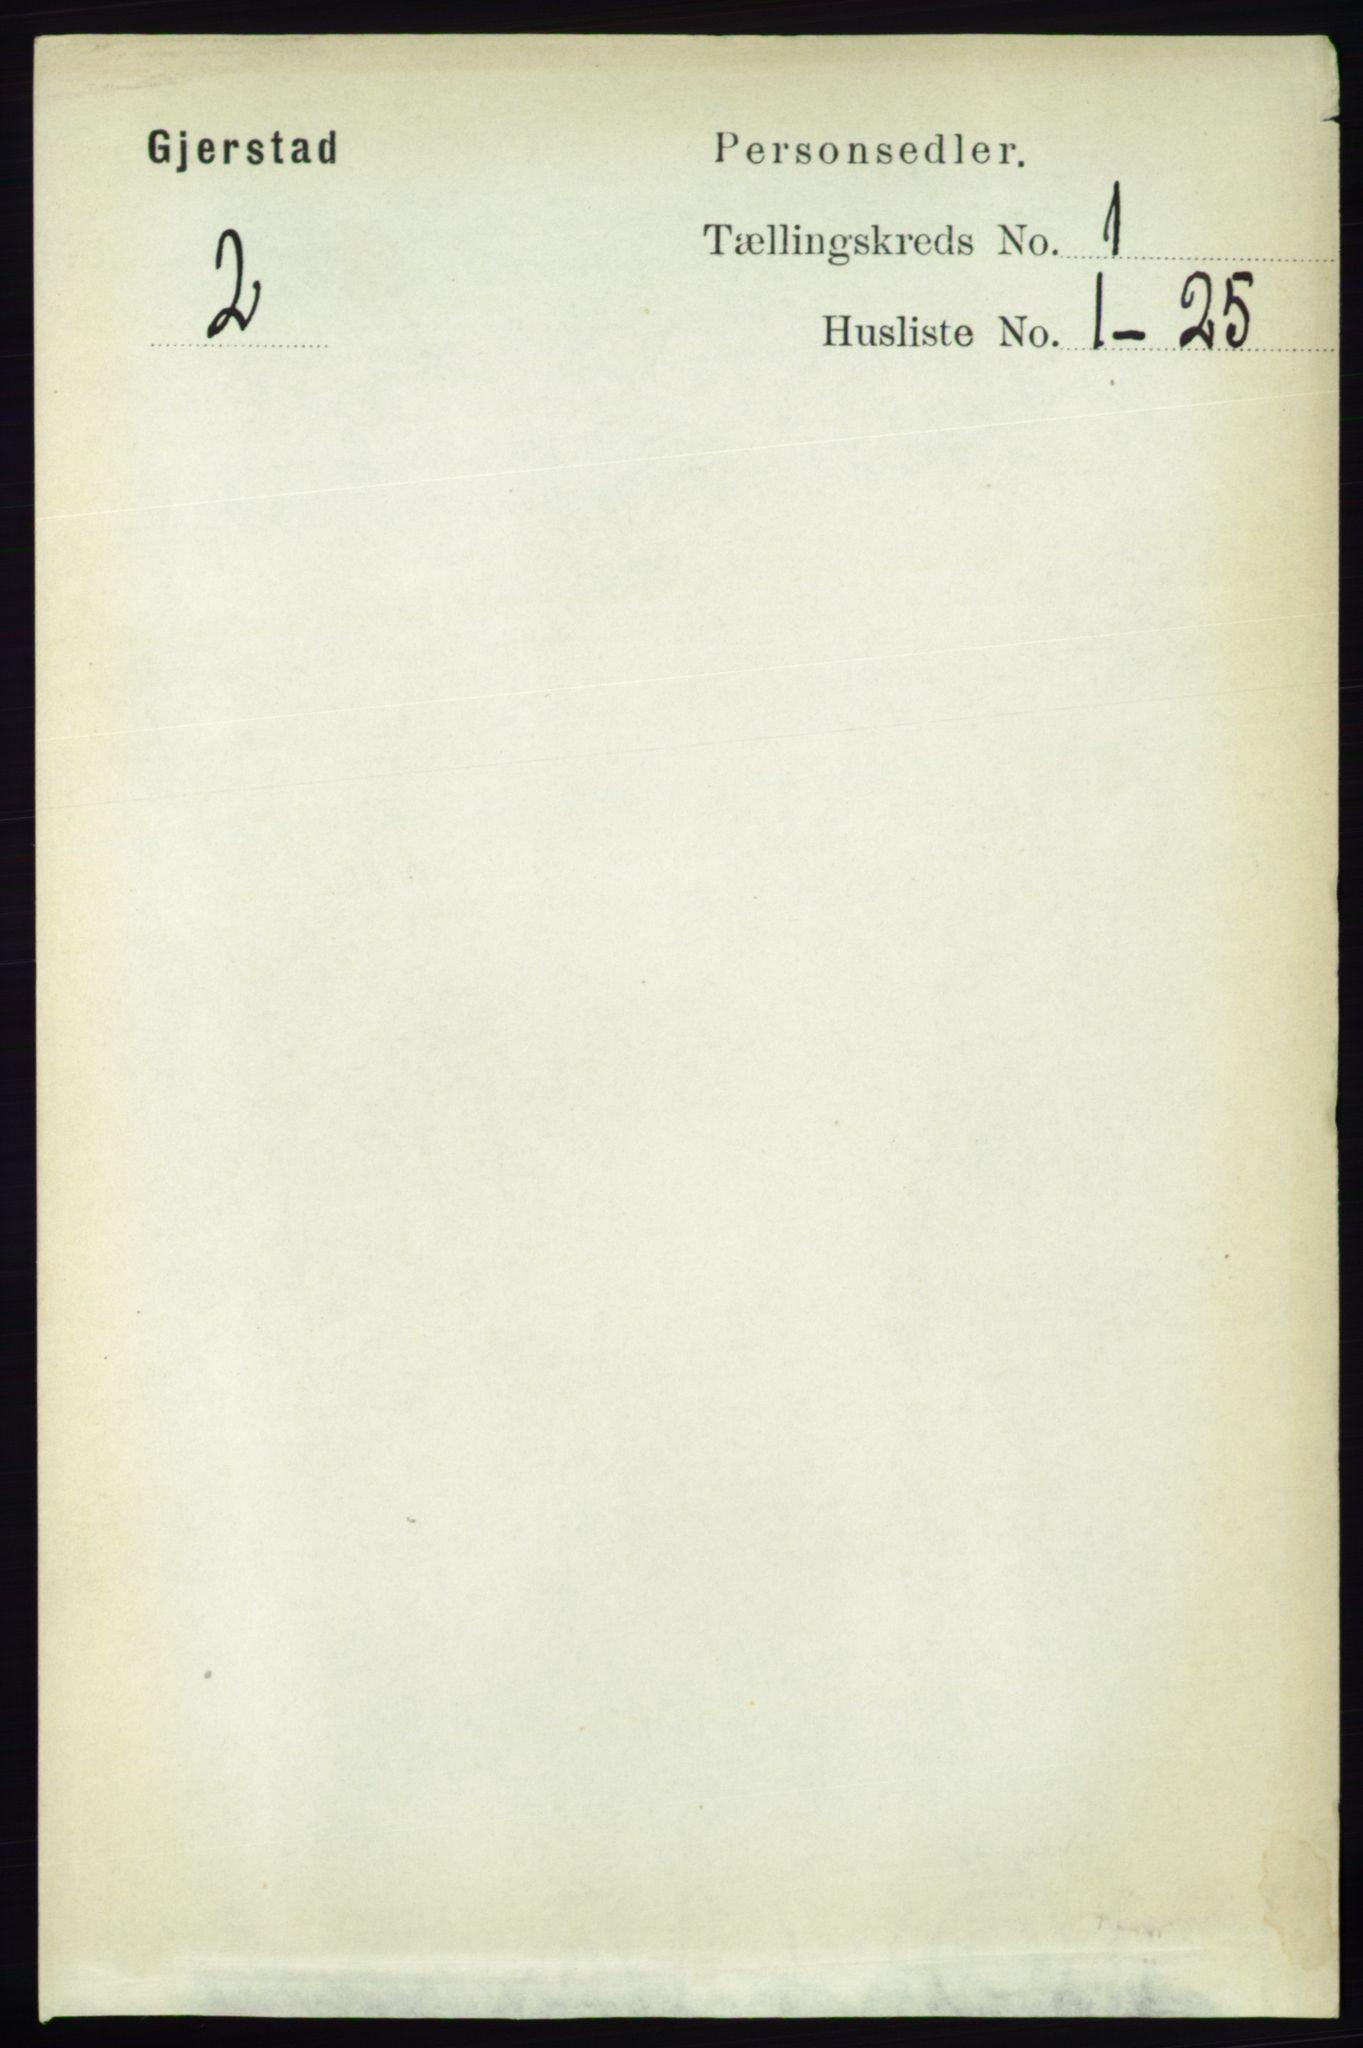 RA, Folketelling 1891 for 0911 Gjerstad herred, 1891, s. 103